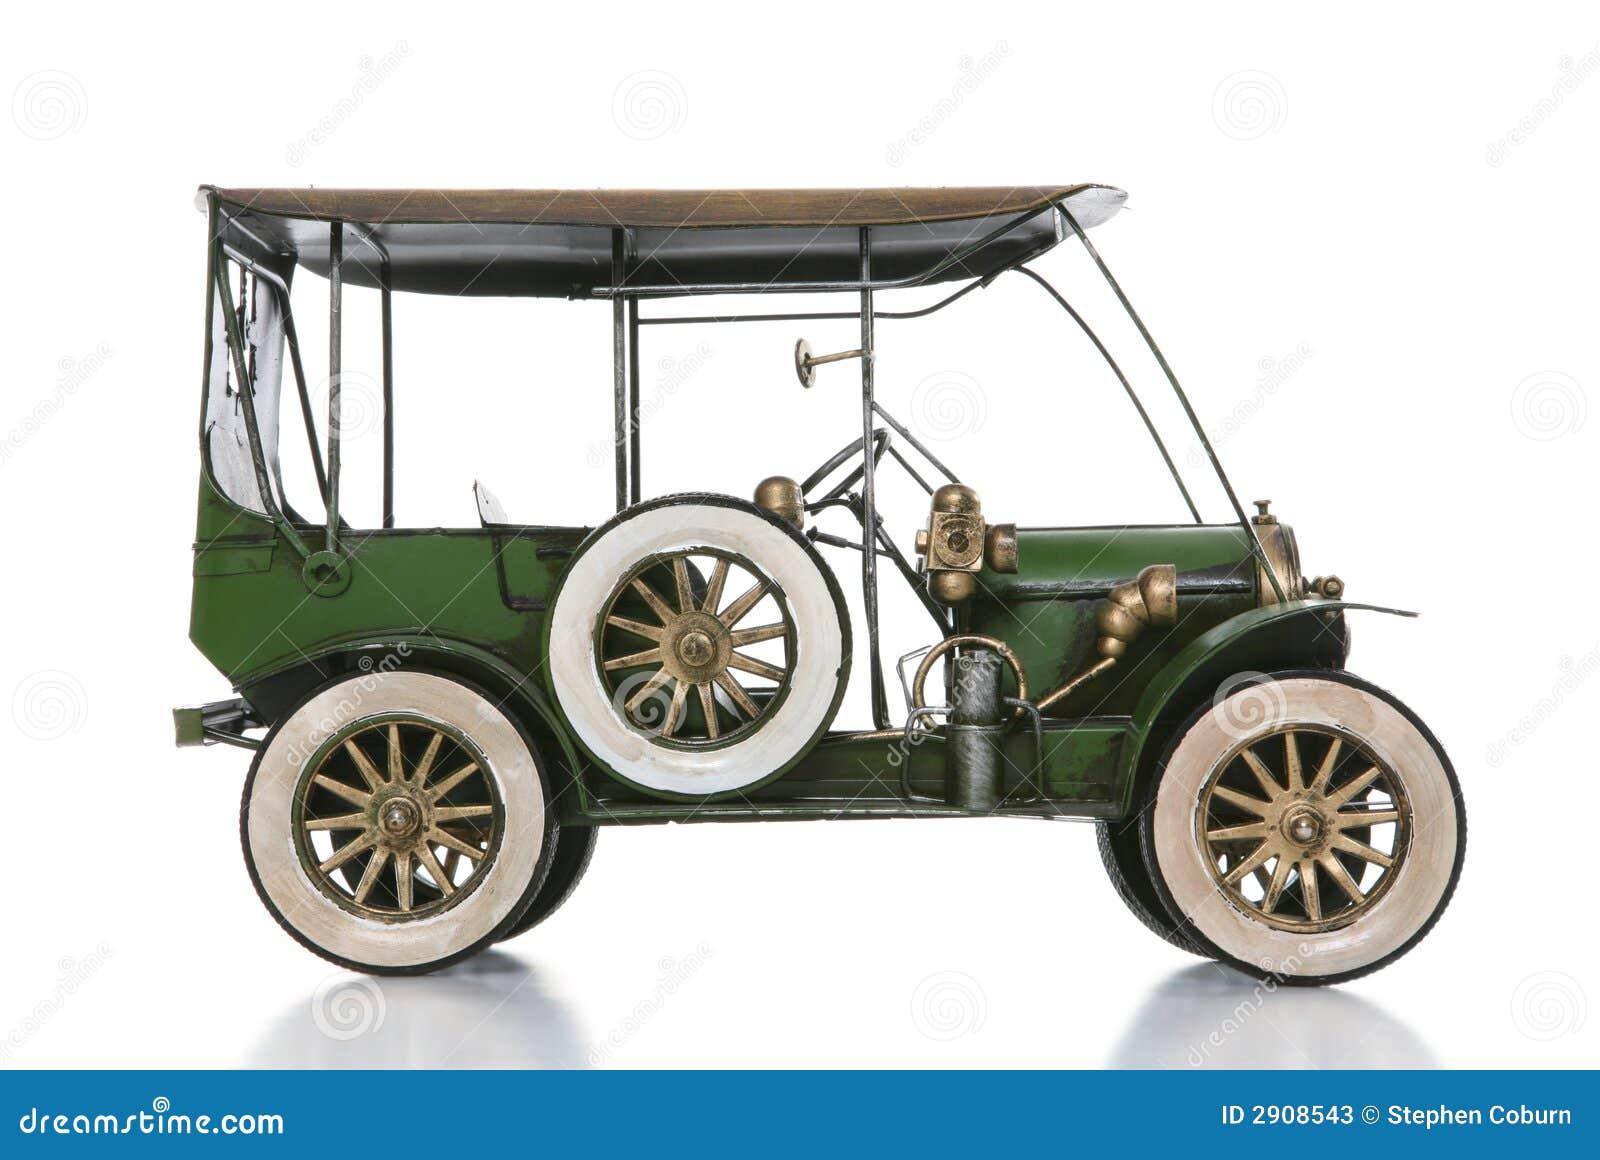 Vieux véhicule antique